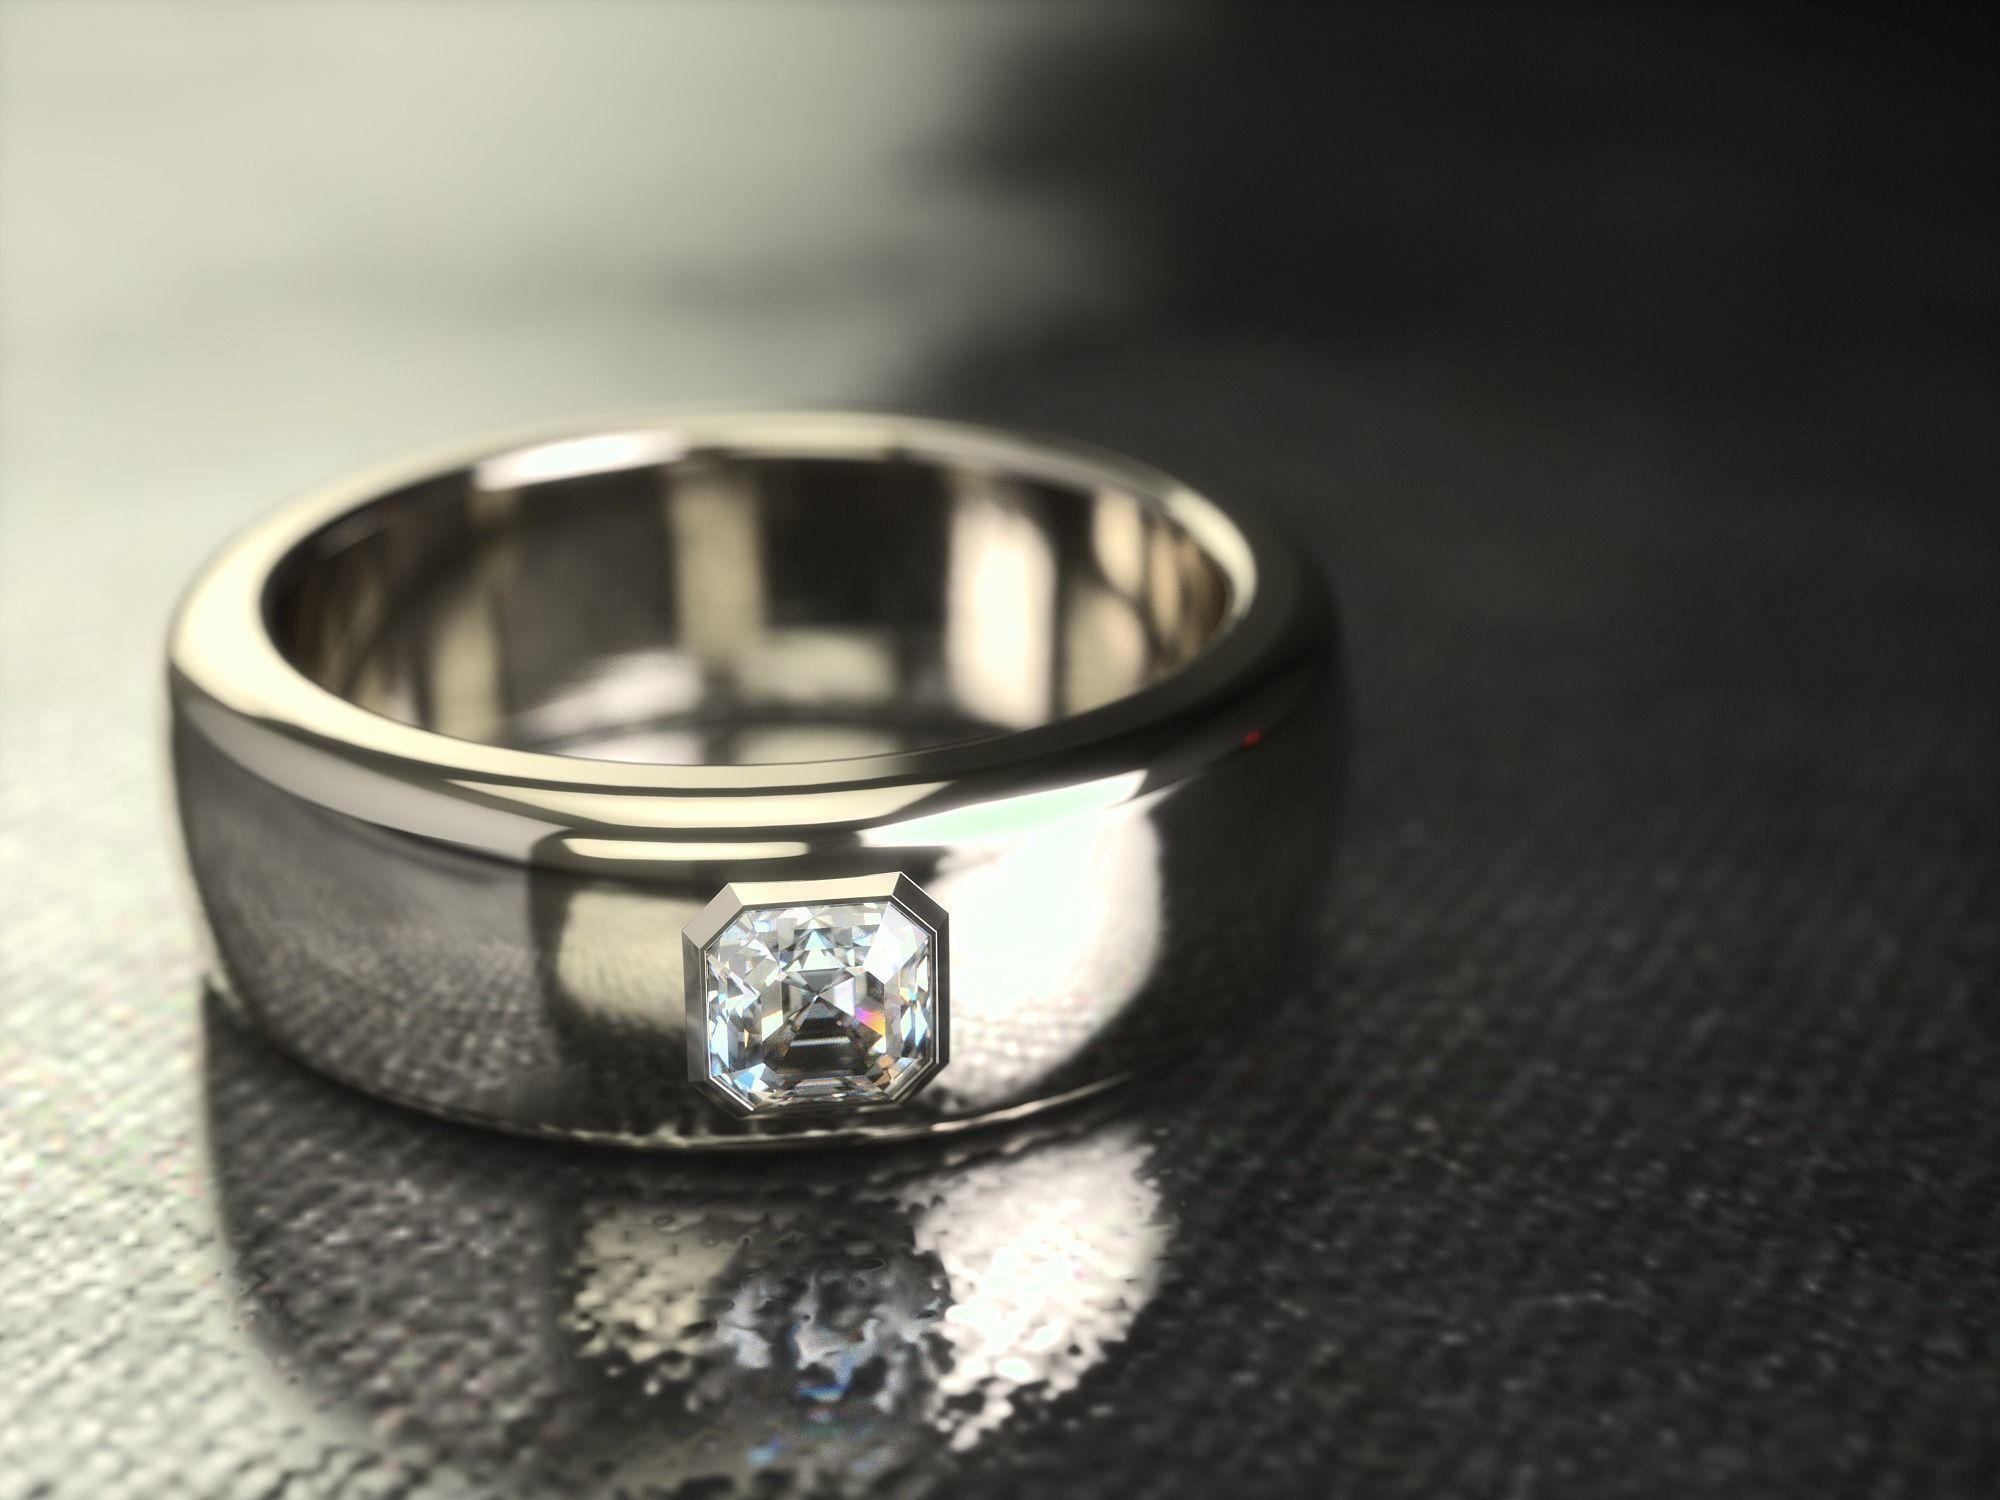 ring-0128-3d-model-stl-3dm.jpg